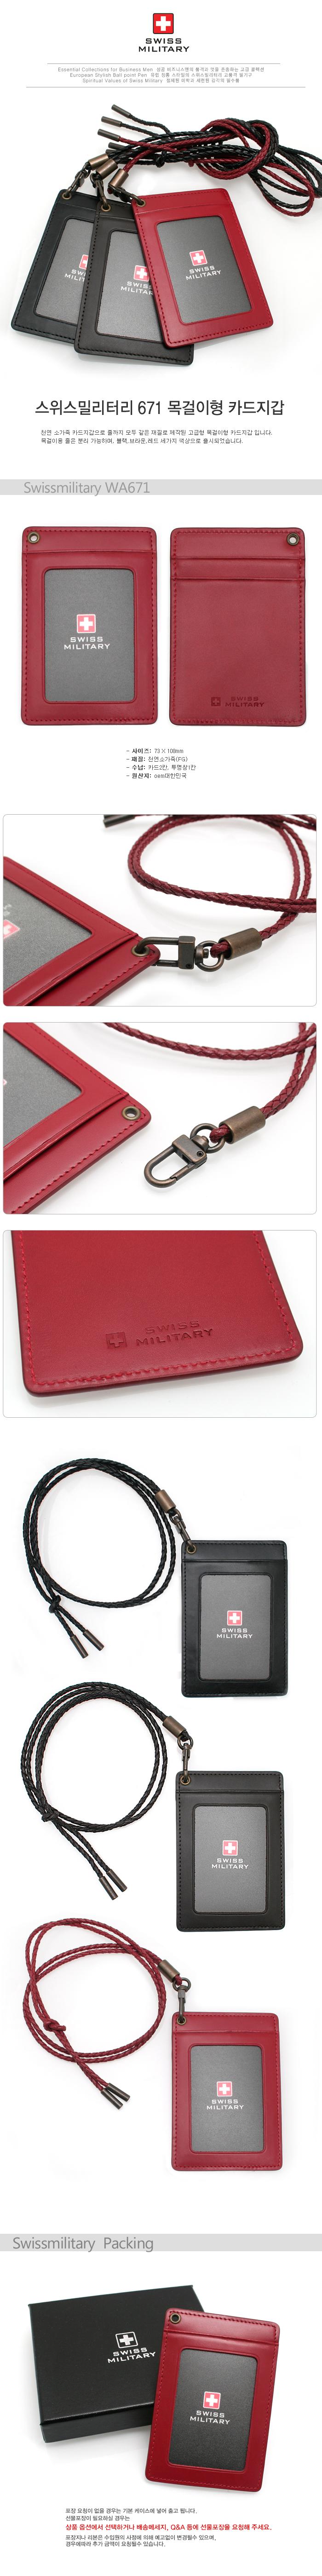 고급 카드지갑,목걸이형 지갑,카드지갑,사원증,직원선물,가죽 카드지갑,단체선물